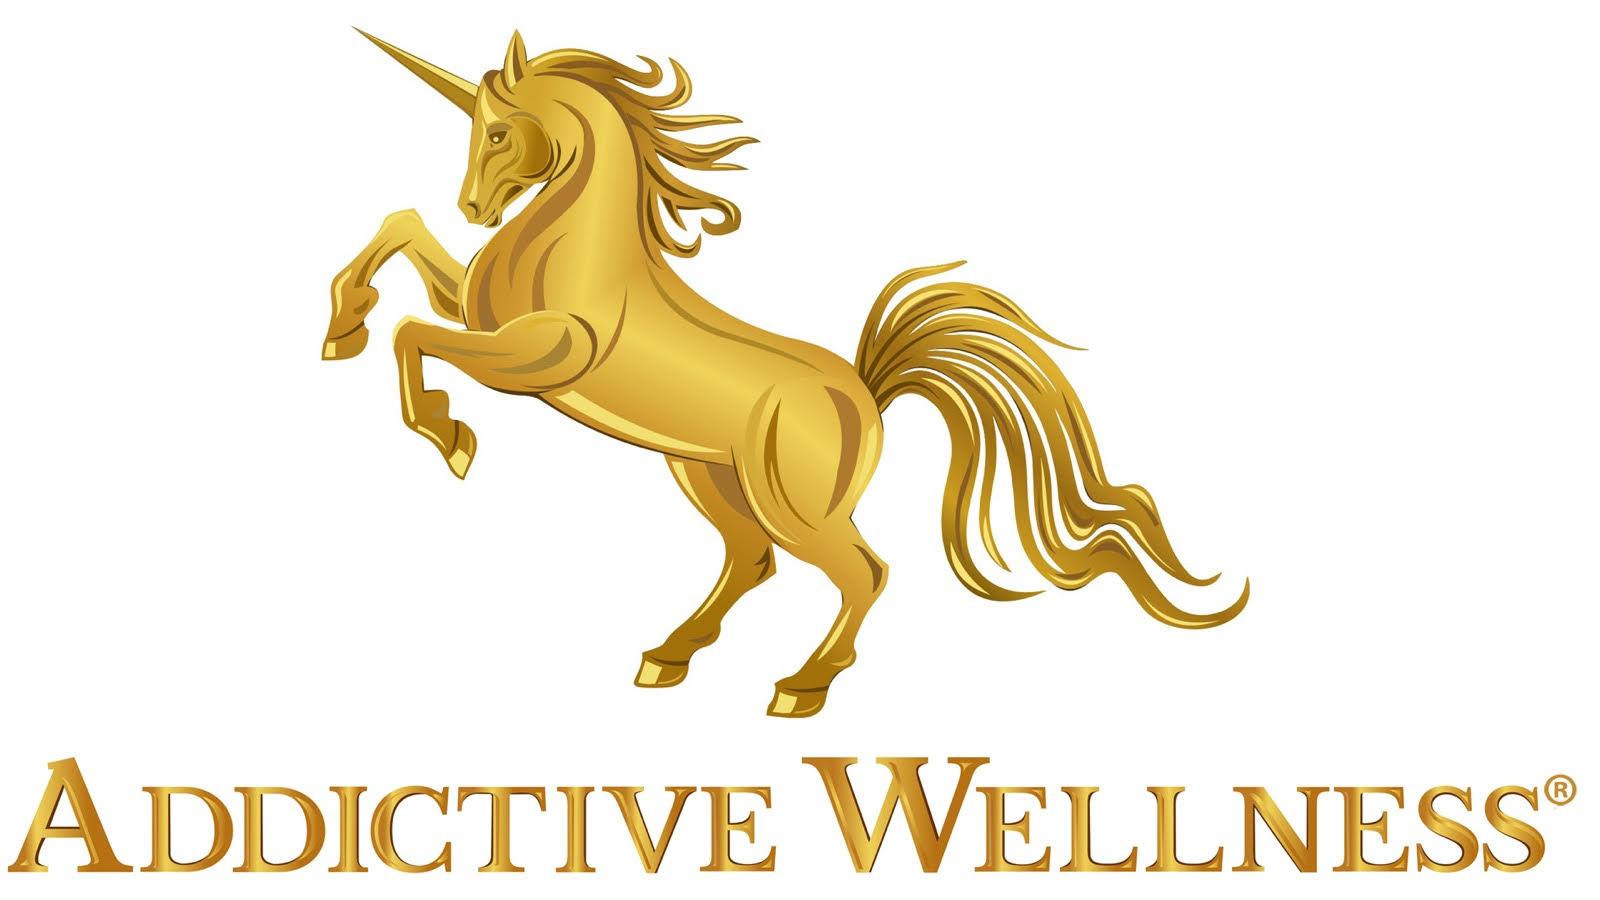 Addidtive Wellness